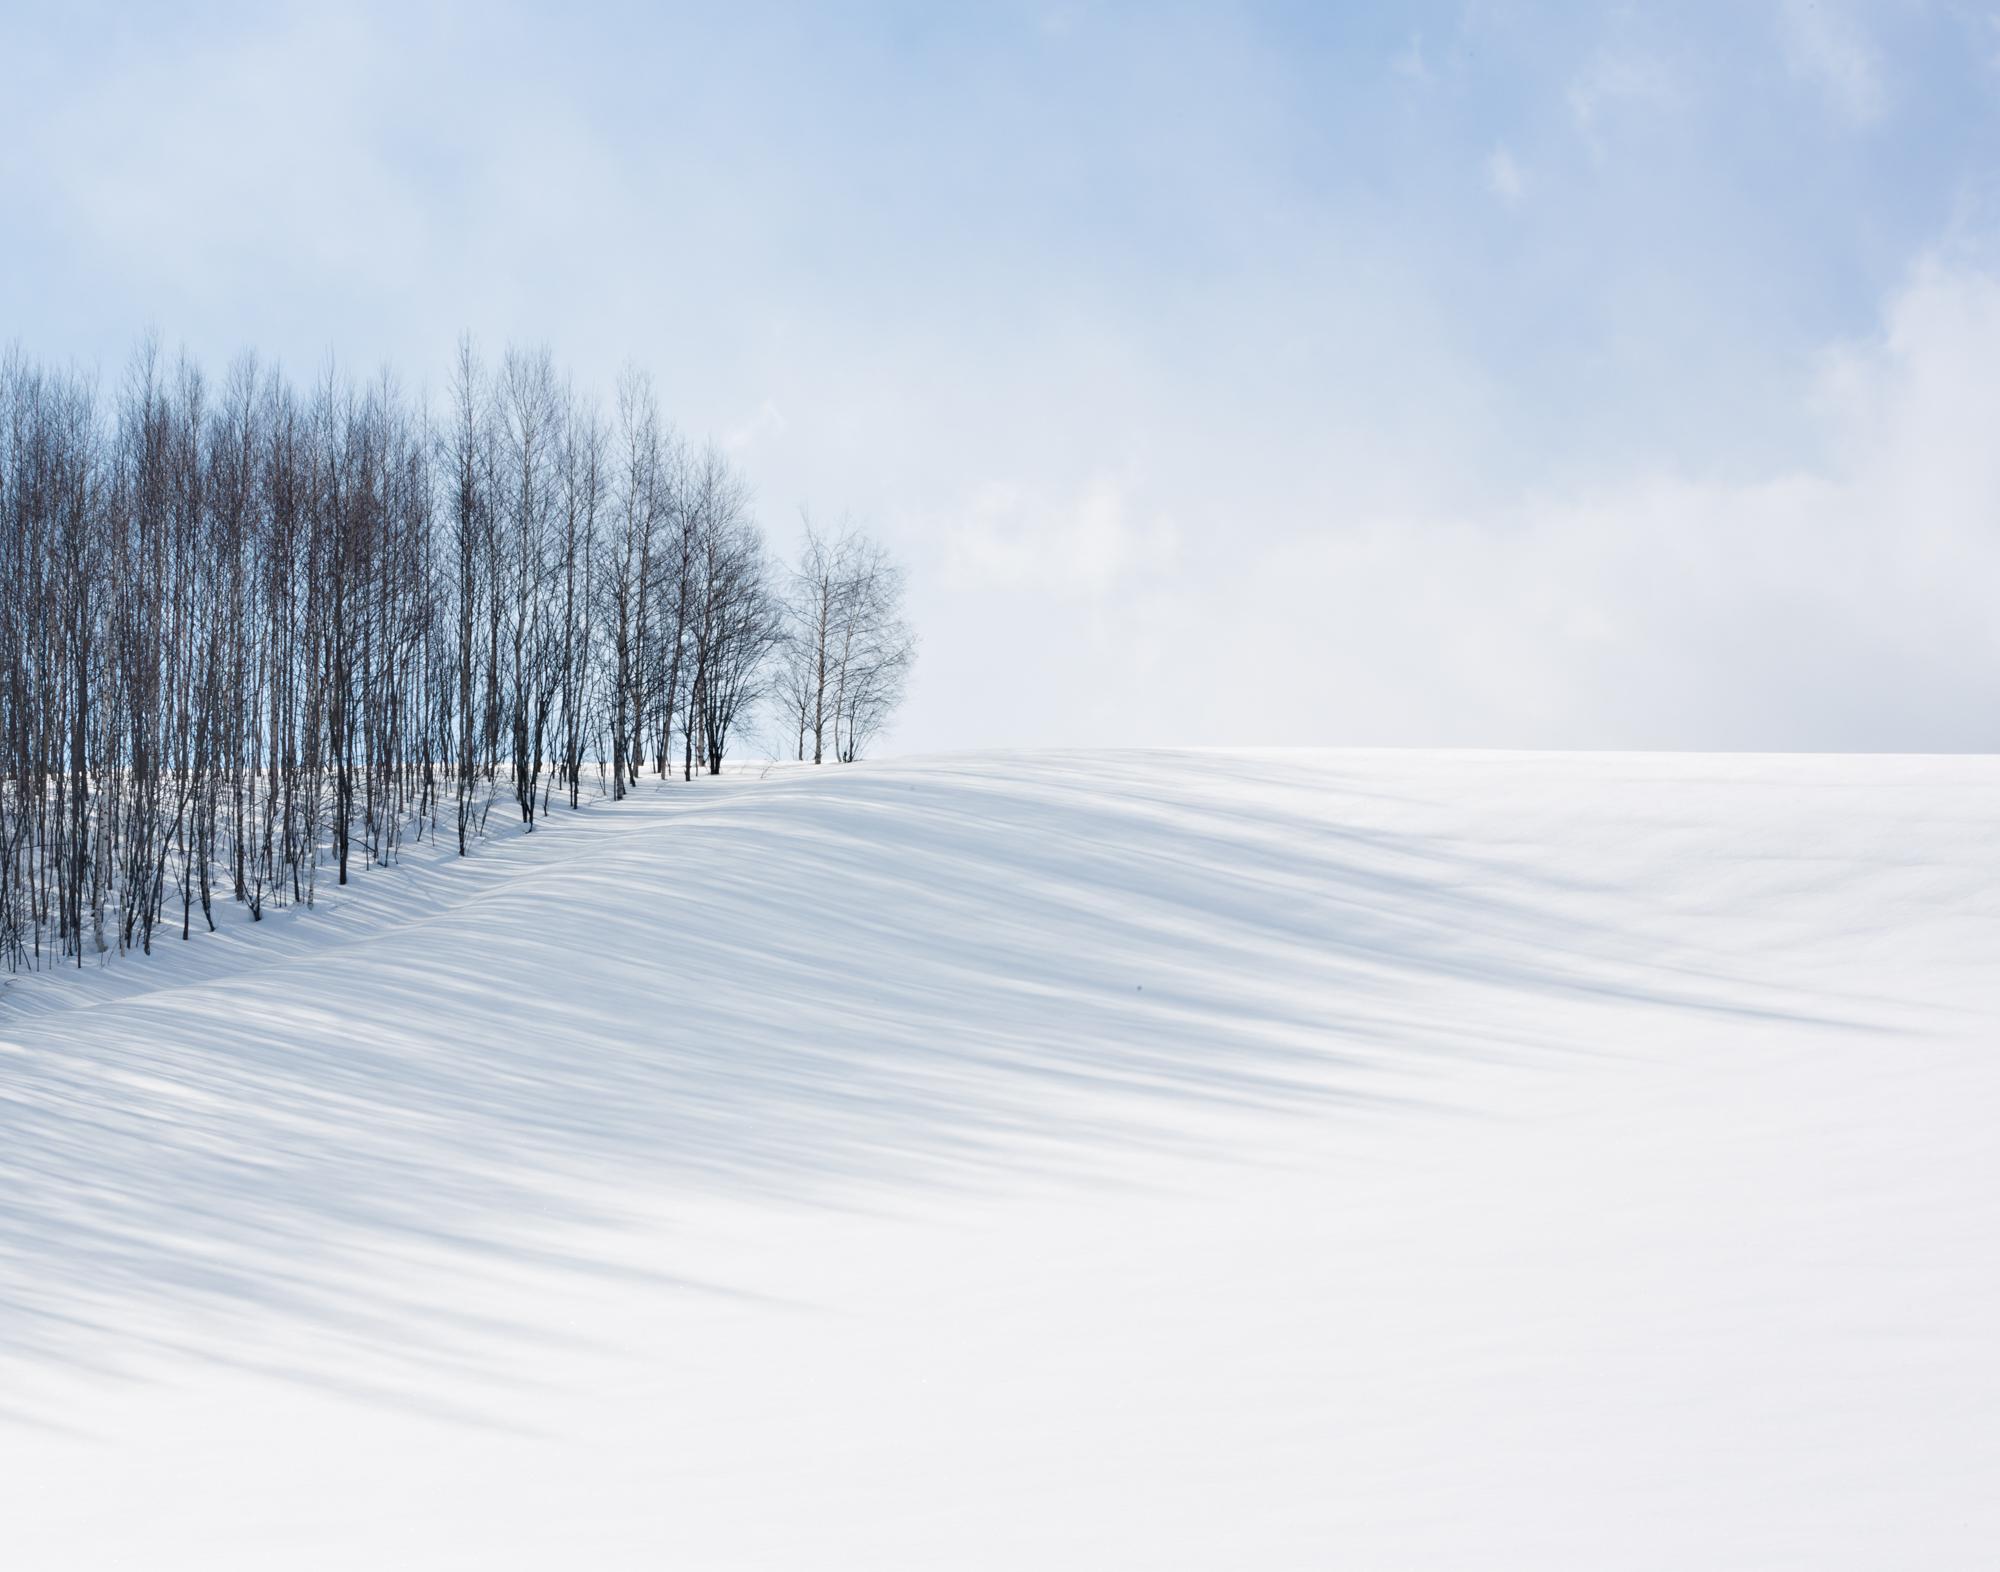 3. Biei, Hokkaido, Japan